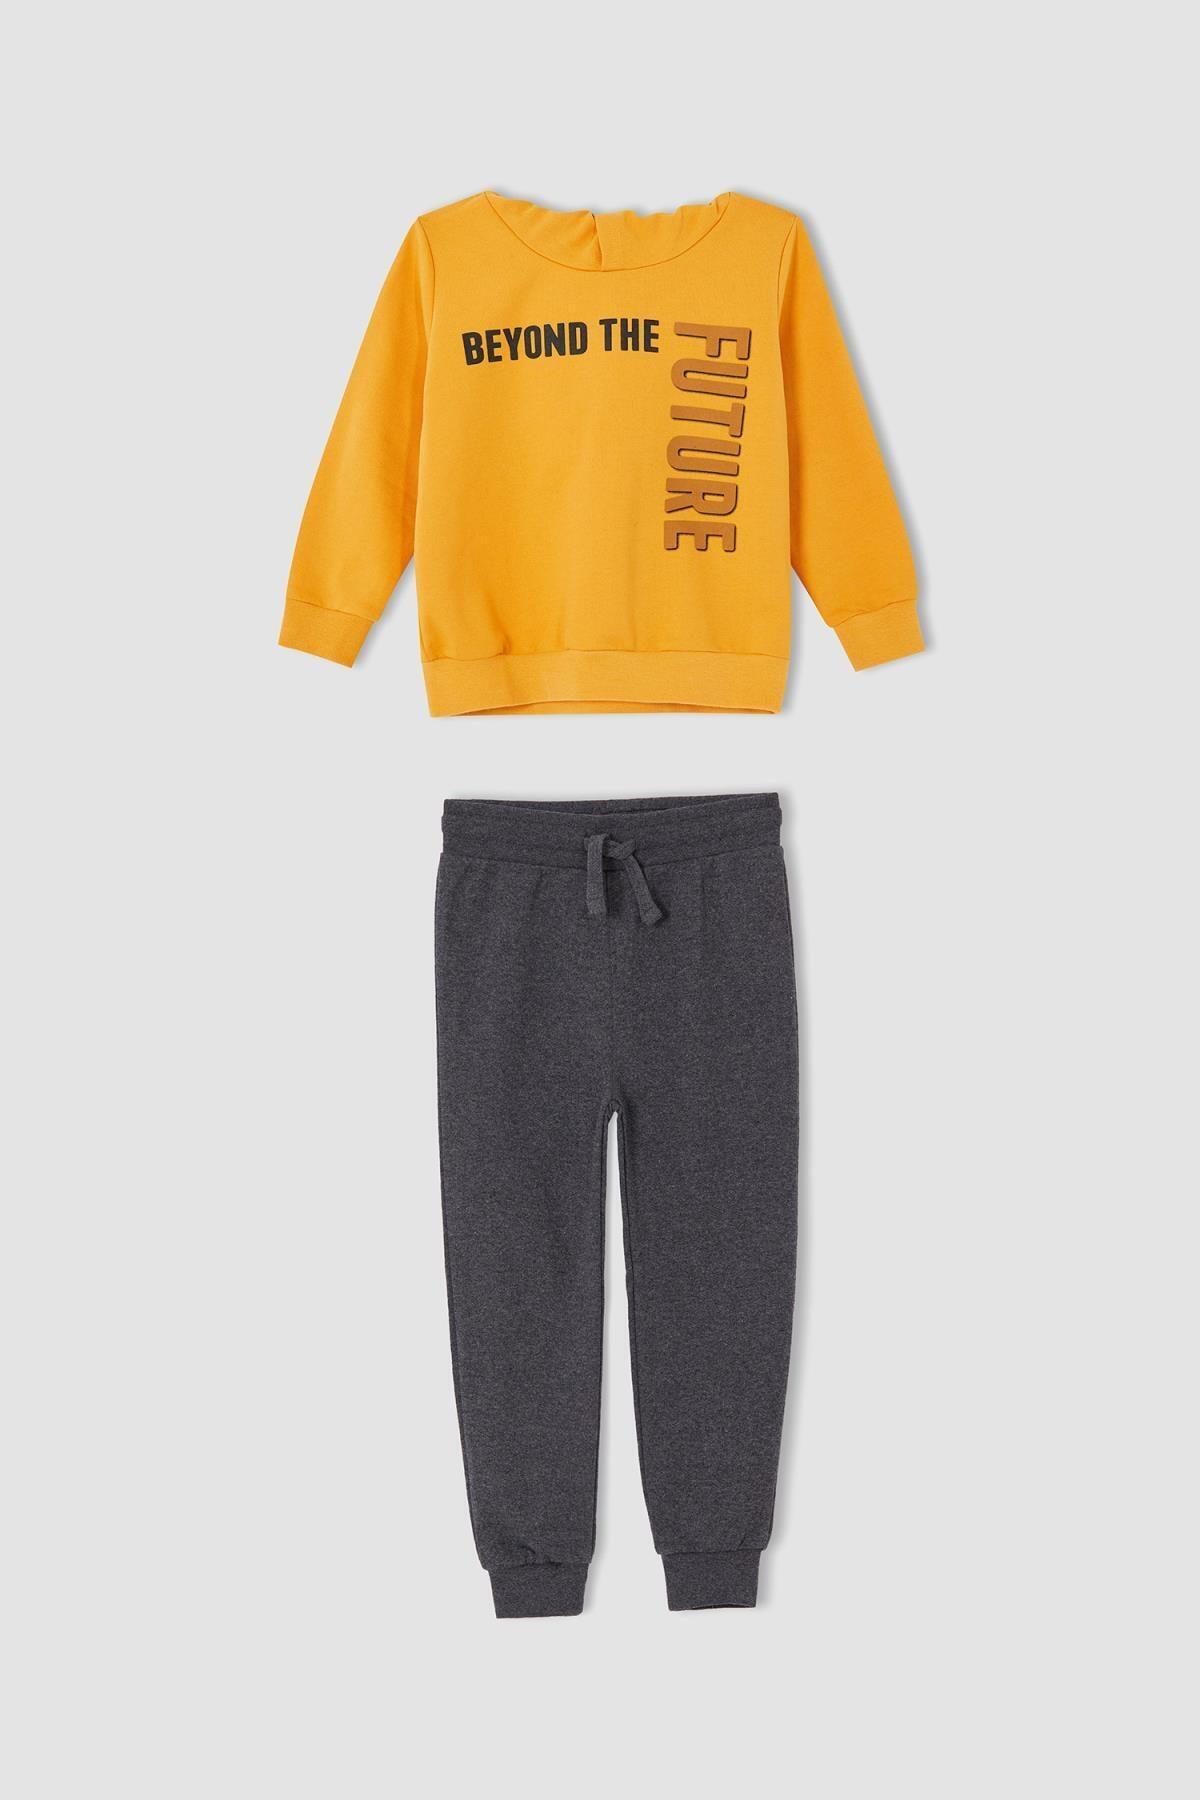 Erkek Çocuk Sarı Yazı Baskılı Sweatshirt Ve Jogger Eşofman Alt Takımı